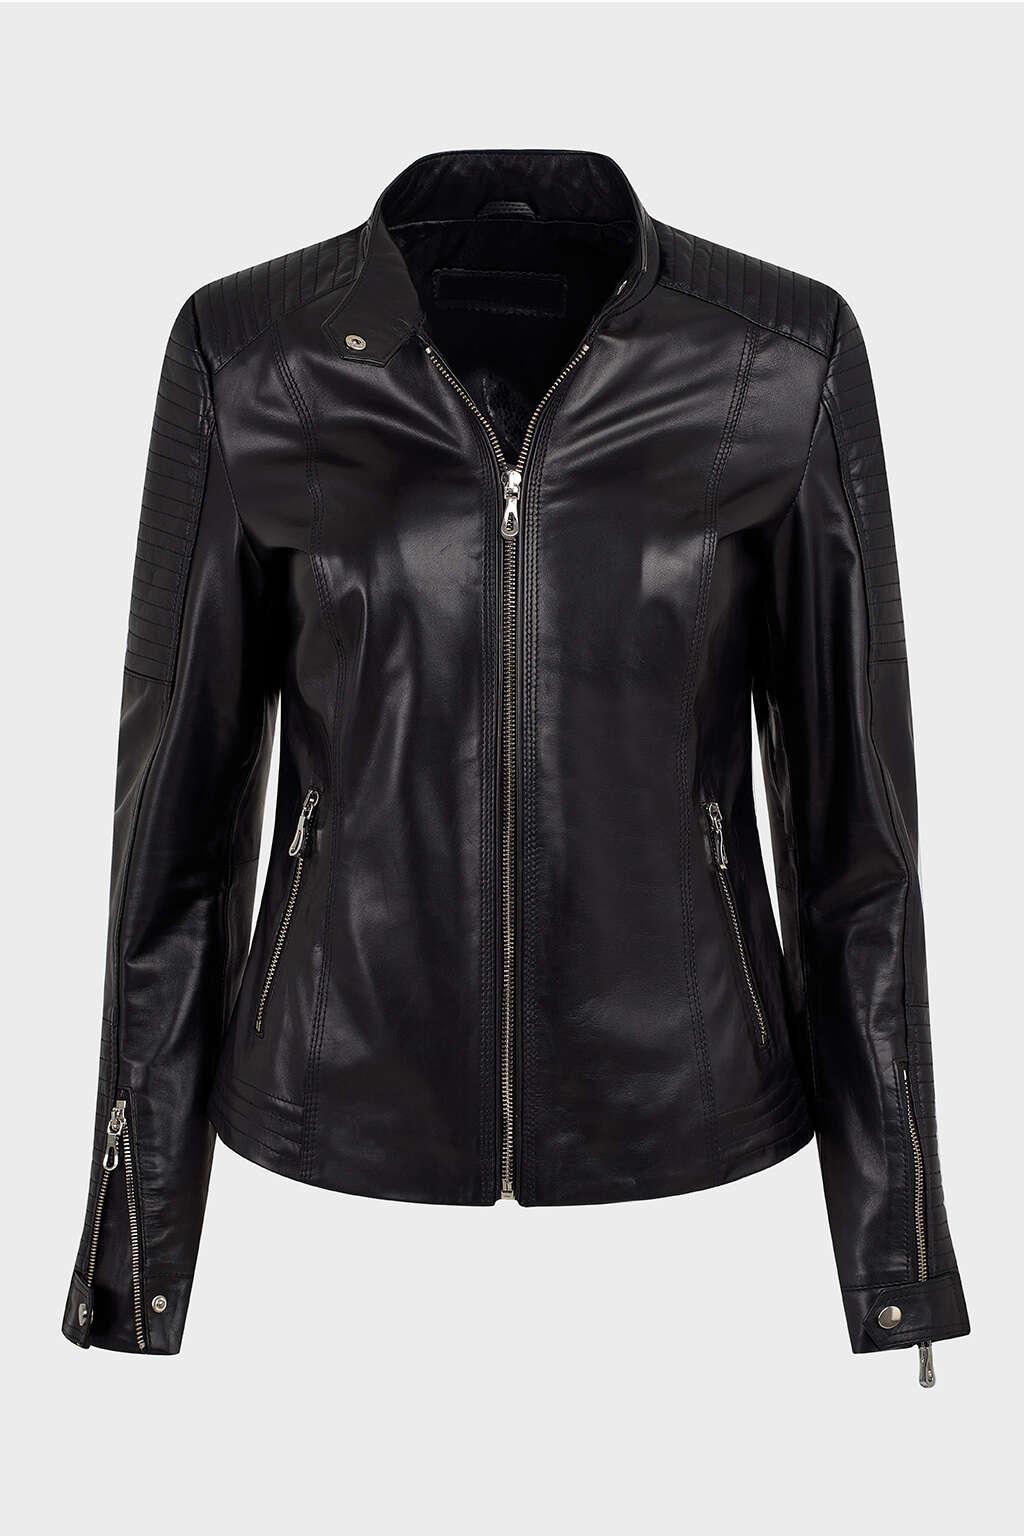 Front of Jet Black Ribbed Biker Leather Jacket